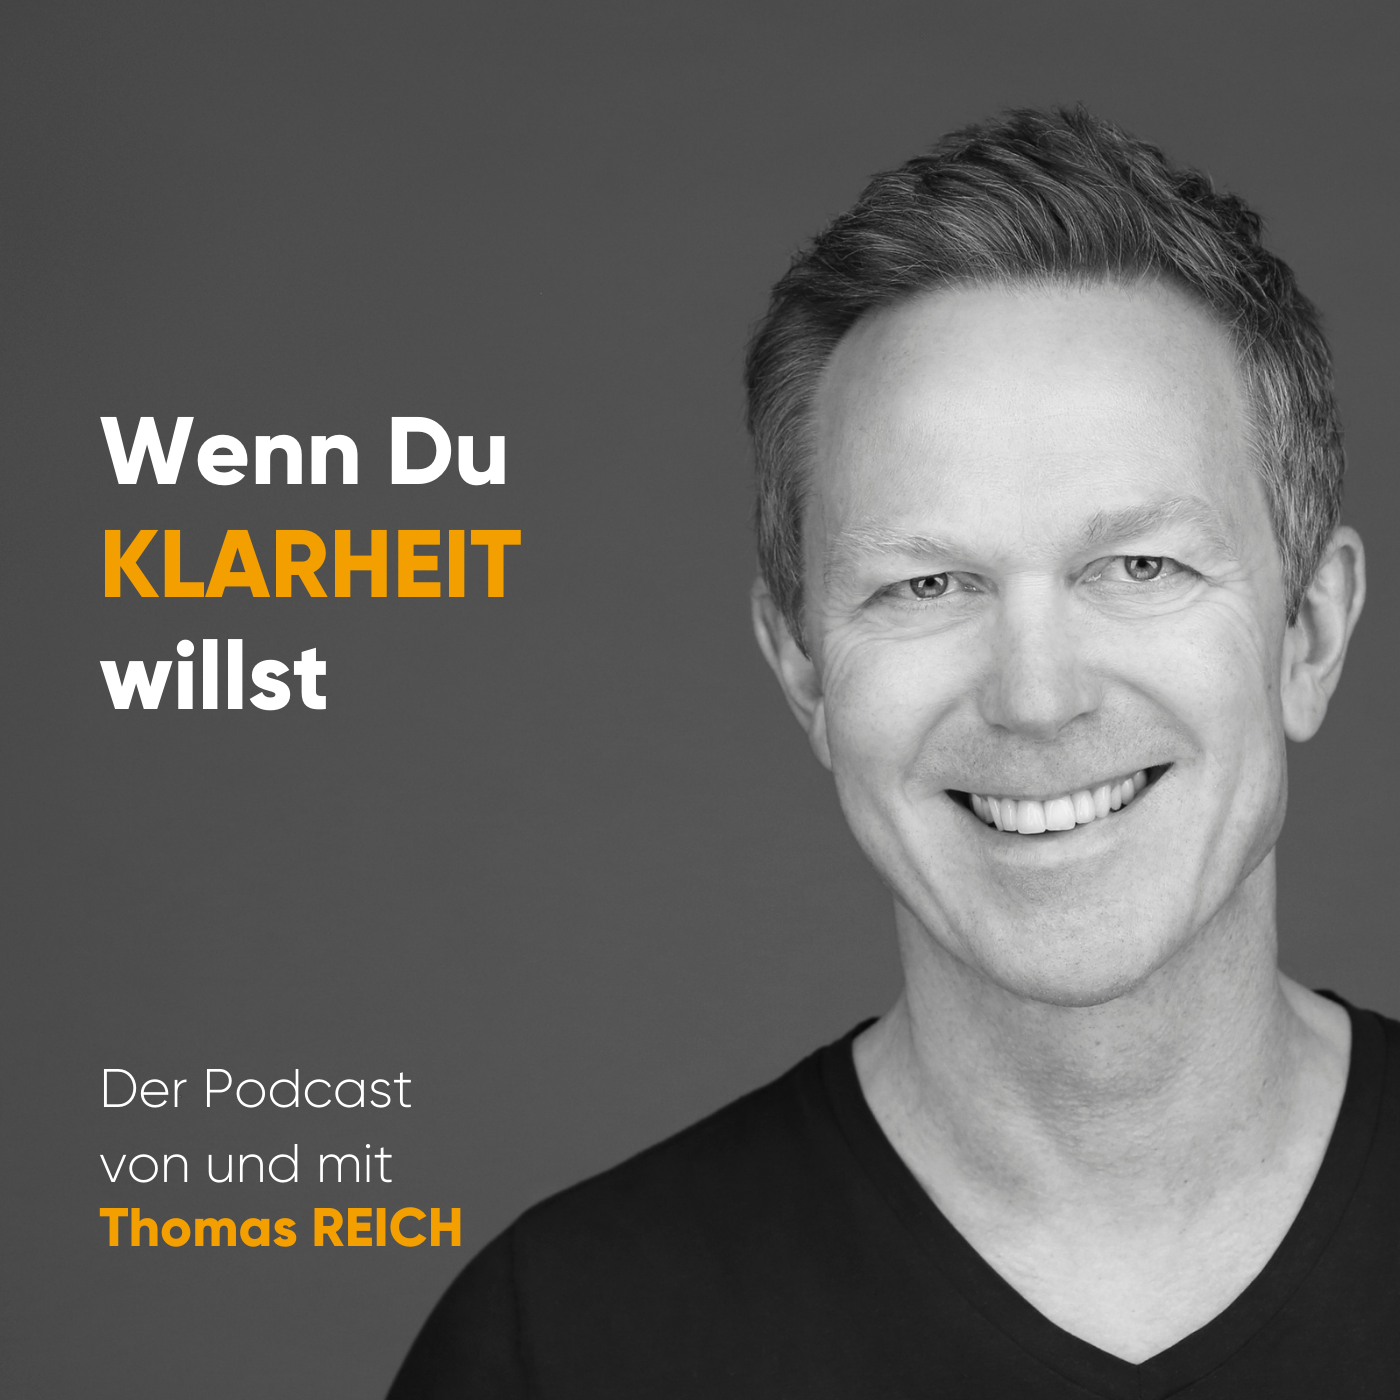 #849 - Urlaub in 2021 planen? show art